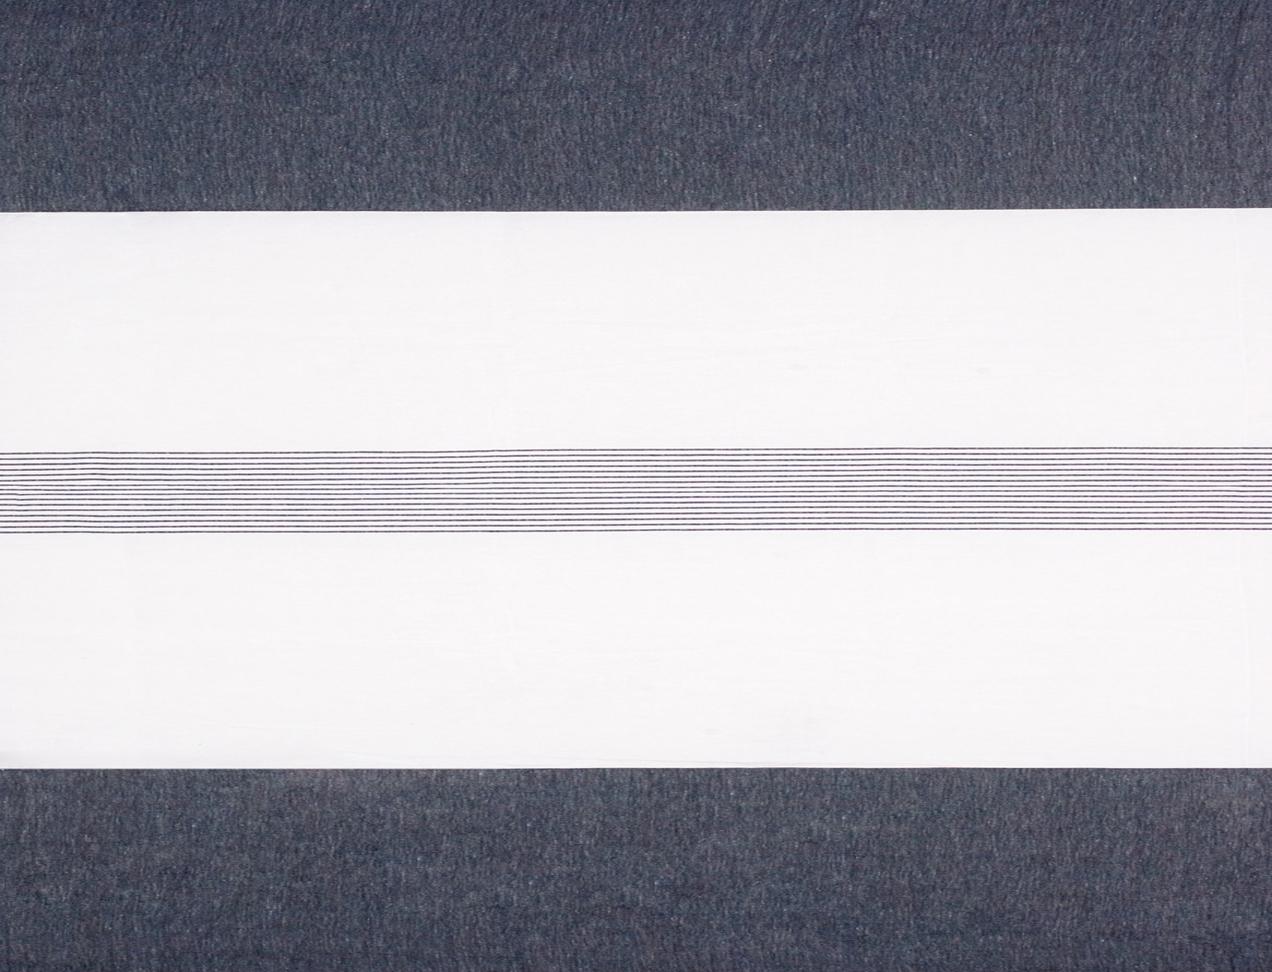 LAVENO PIAZZATO MACHE' White-Black Repeat cm 280